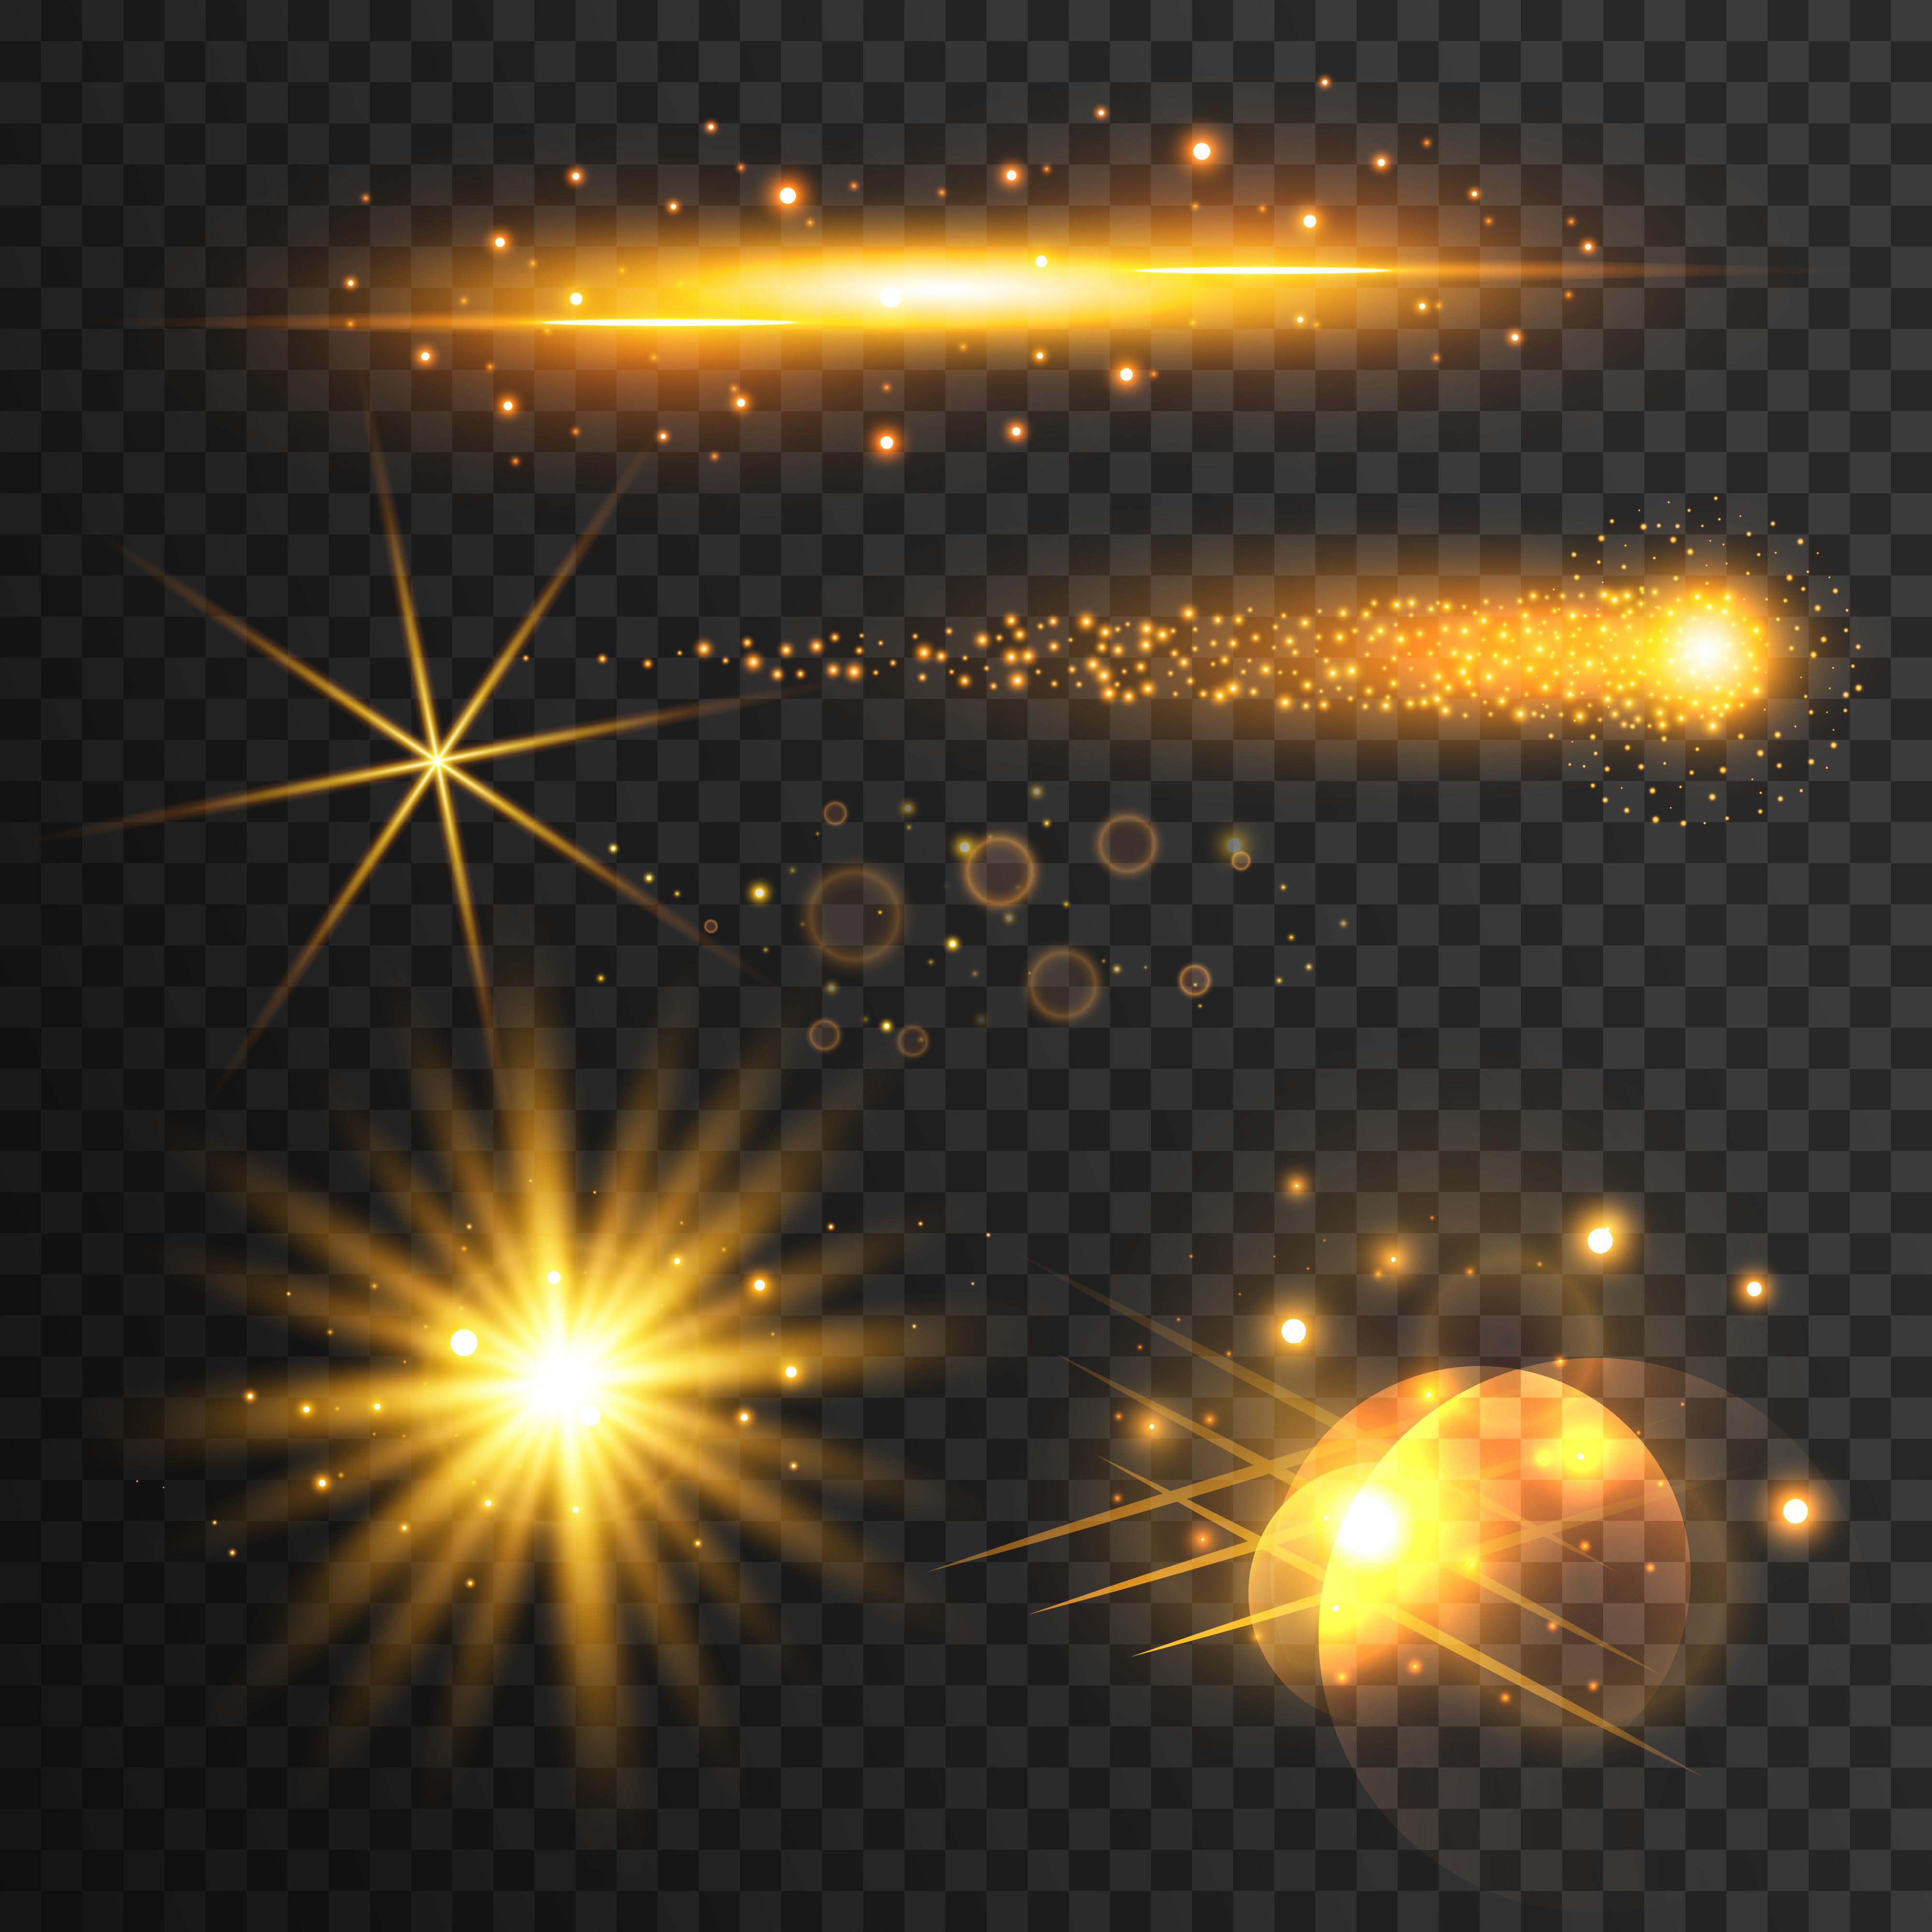 Set Of Transparent Golden Light Effect Download Free